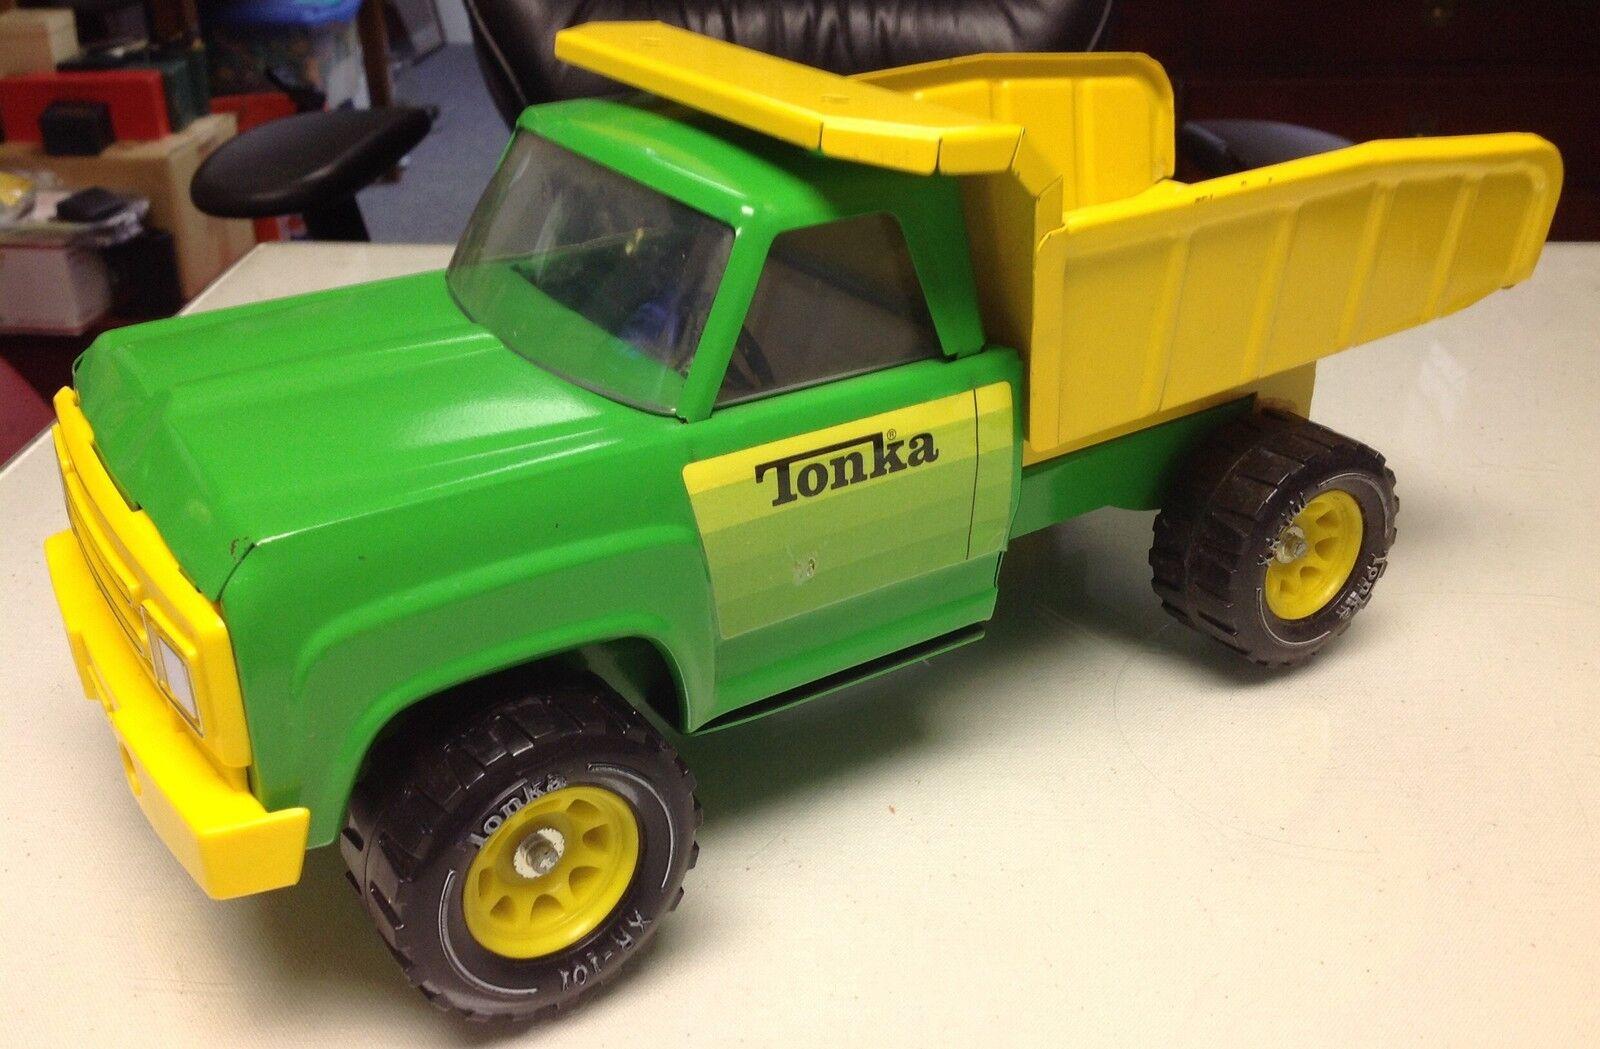 TONKA SpielzeugS DUMP TRUCK Grün Gelb BEAUTIFUL